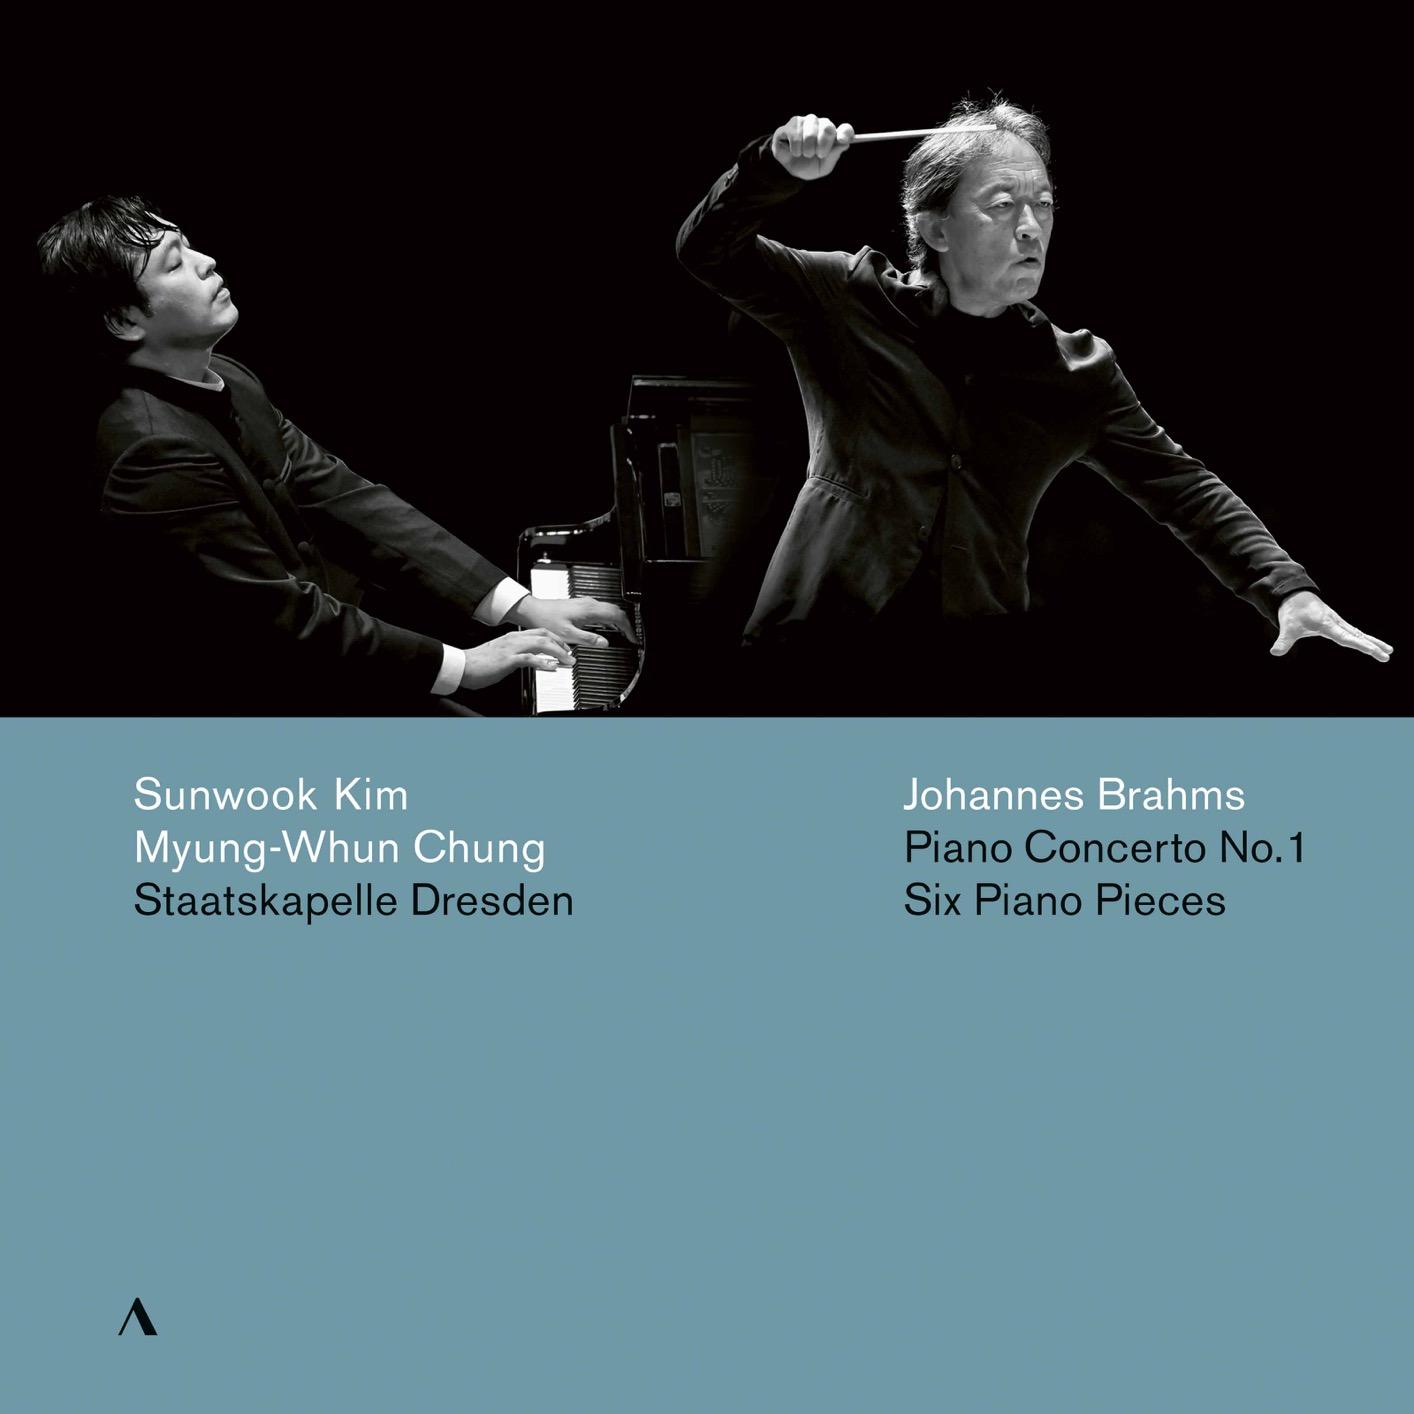 Brahms: Piano Concerto No. 1 in D Minor, Op. 15 & 6 Piano Pieces, Op. 118 |  HIGHRESAUDIO